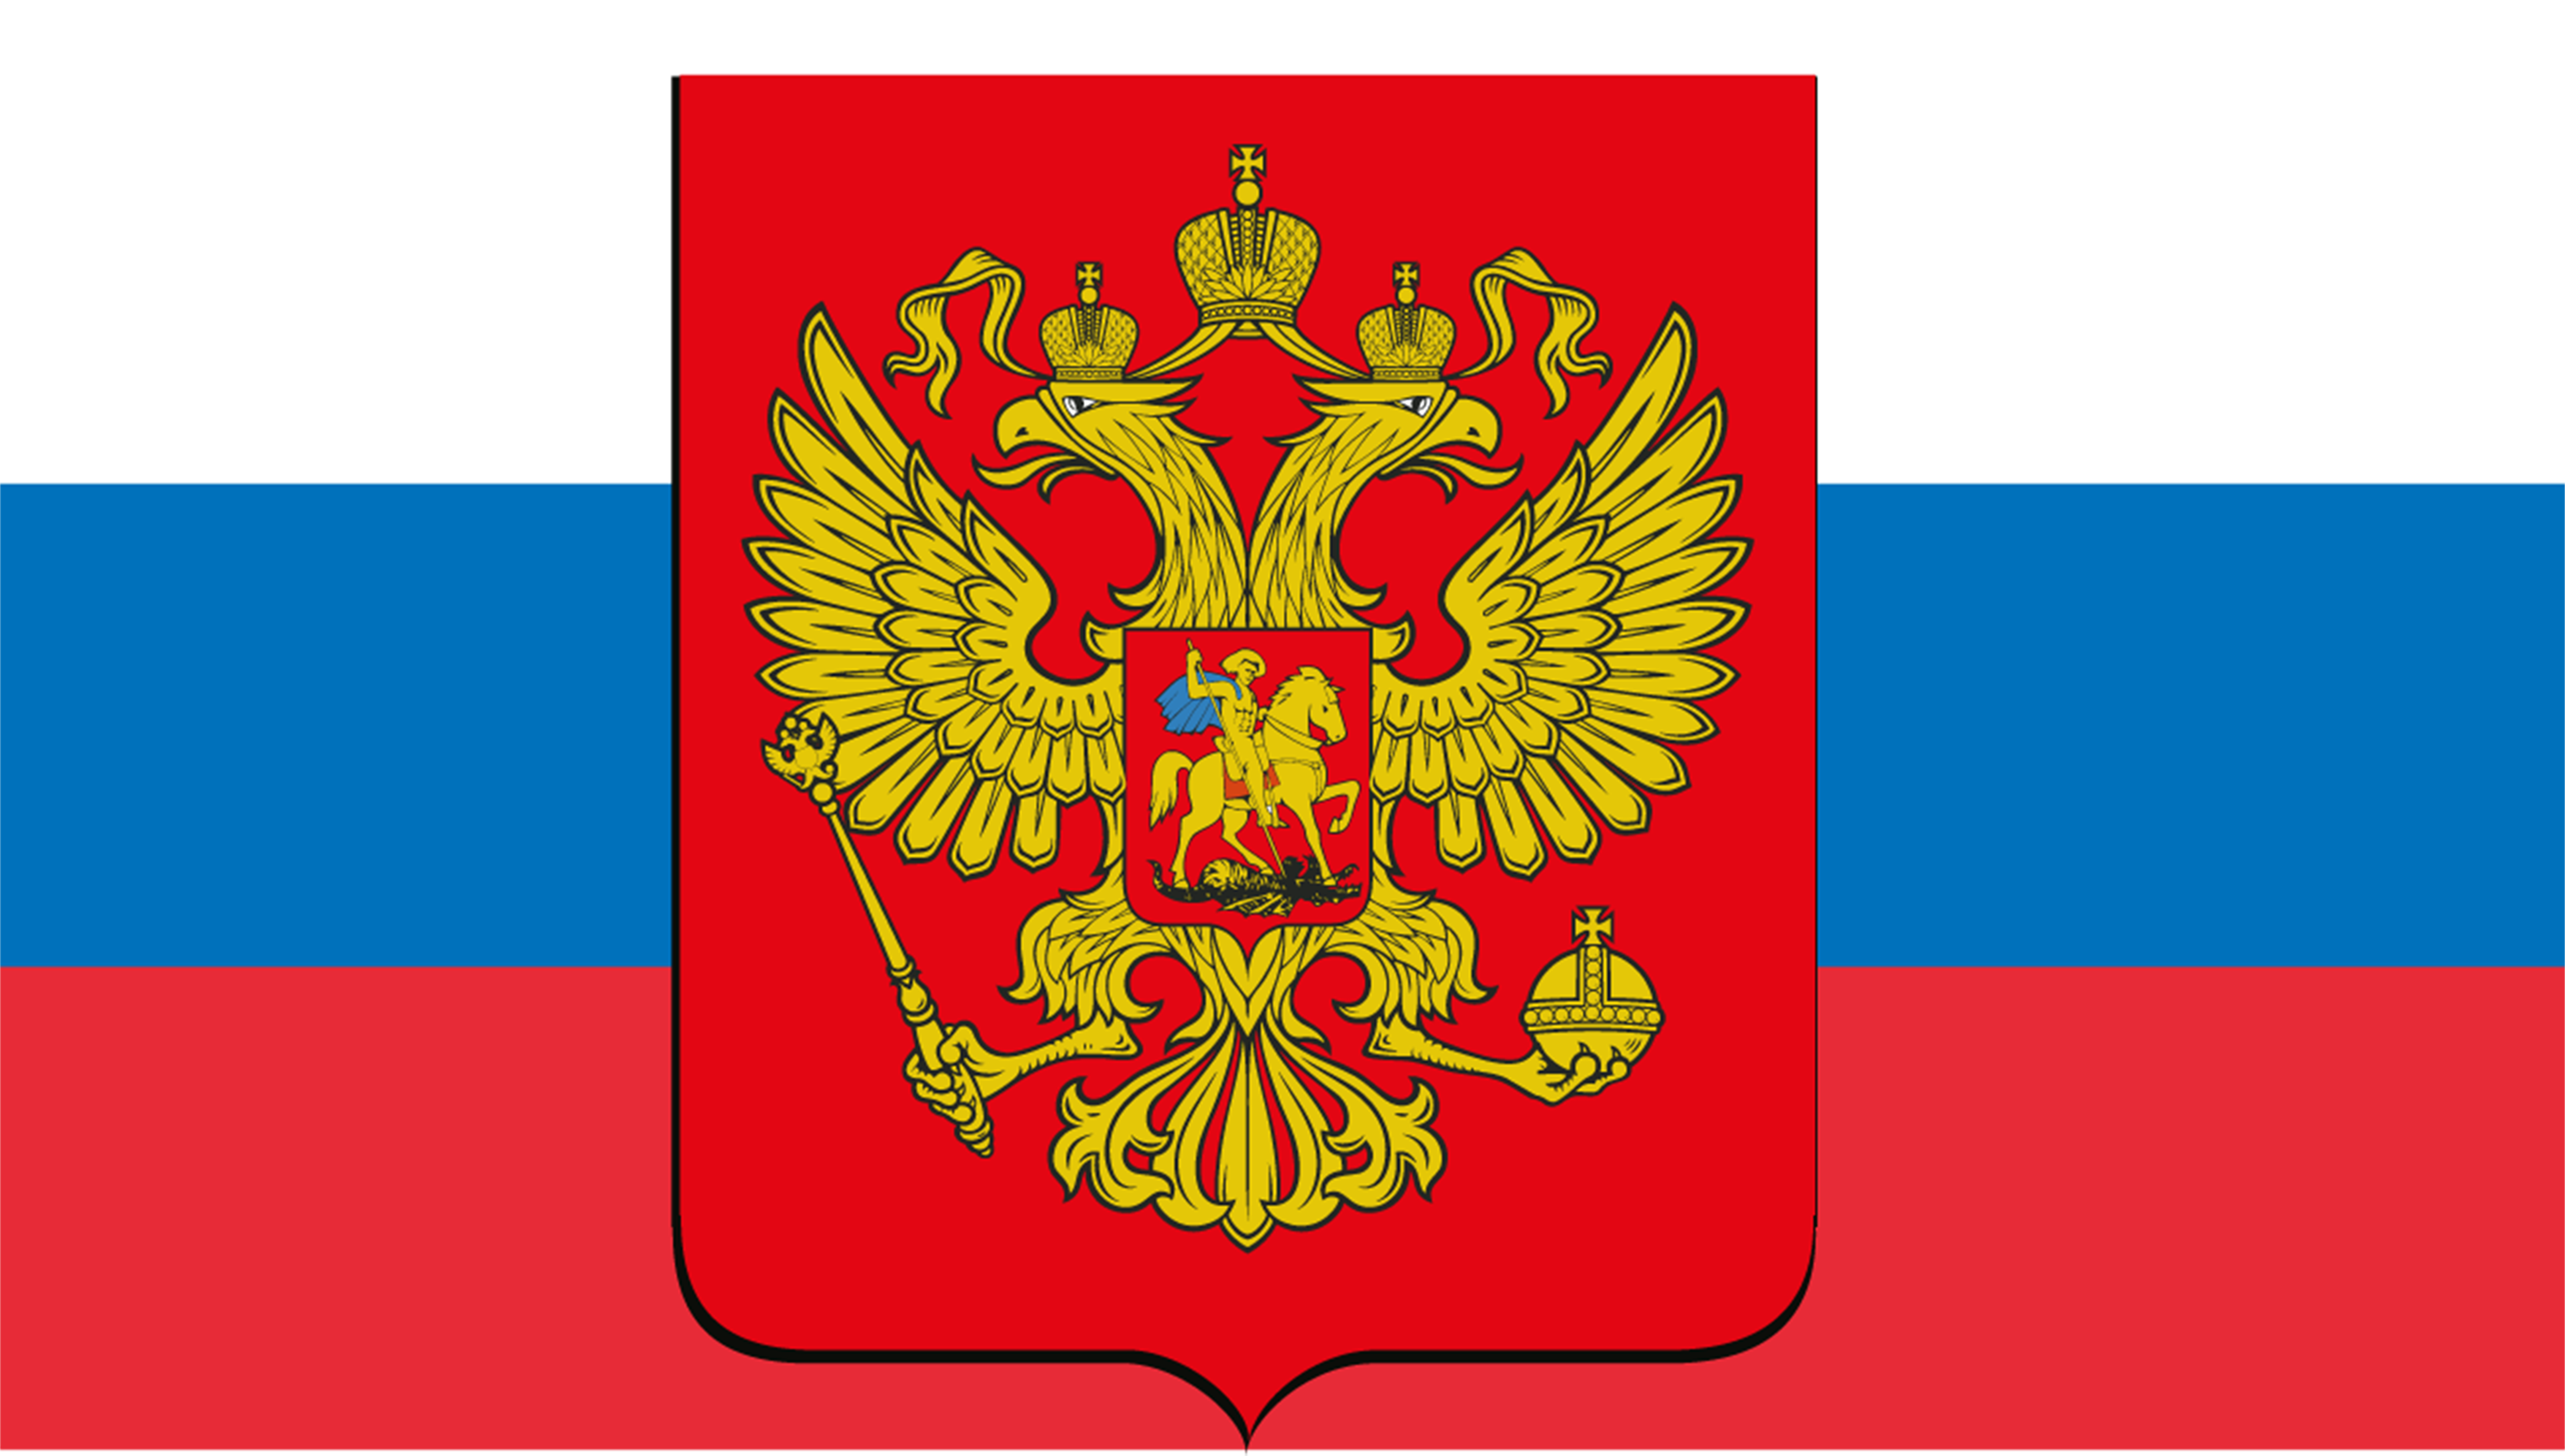 символы россии картинки в хорошем качестве